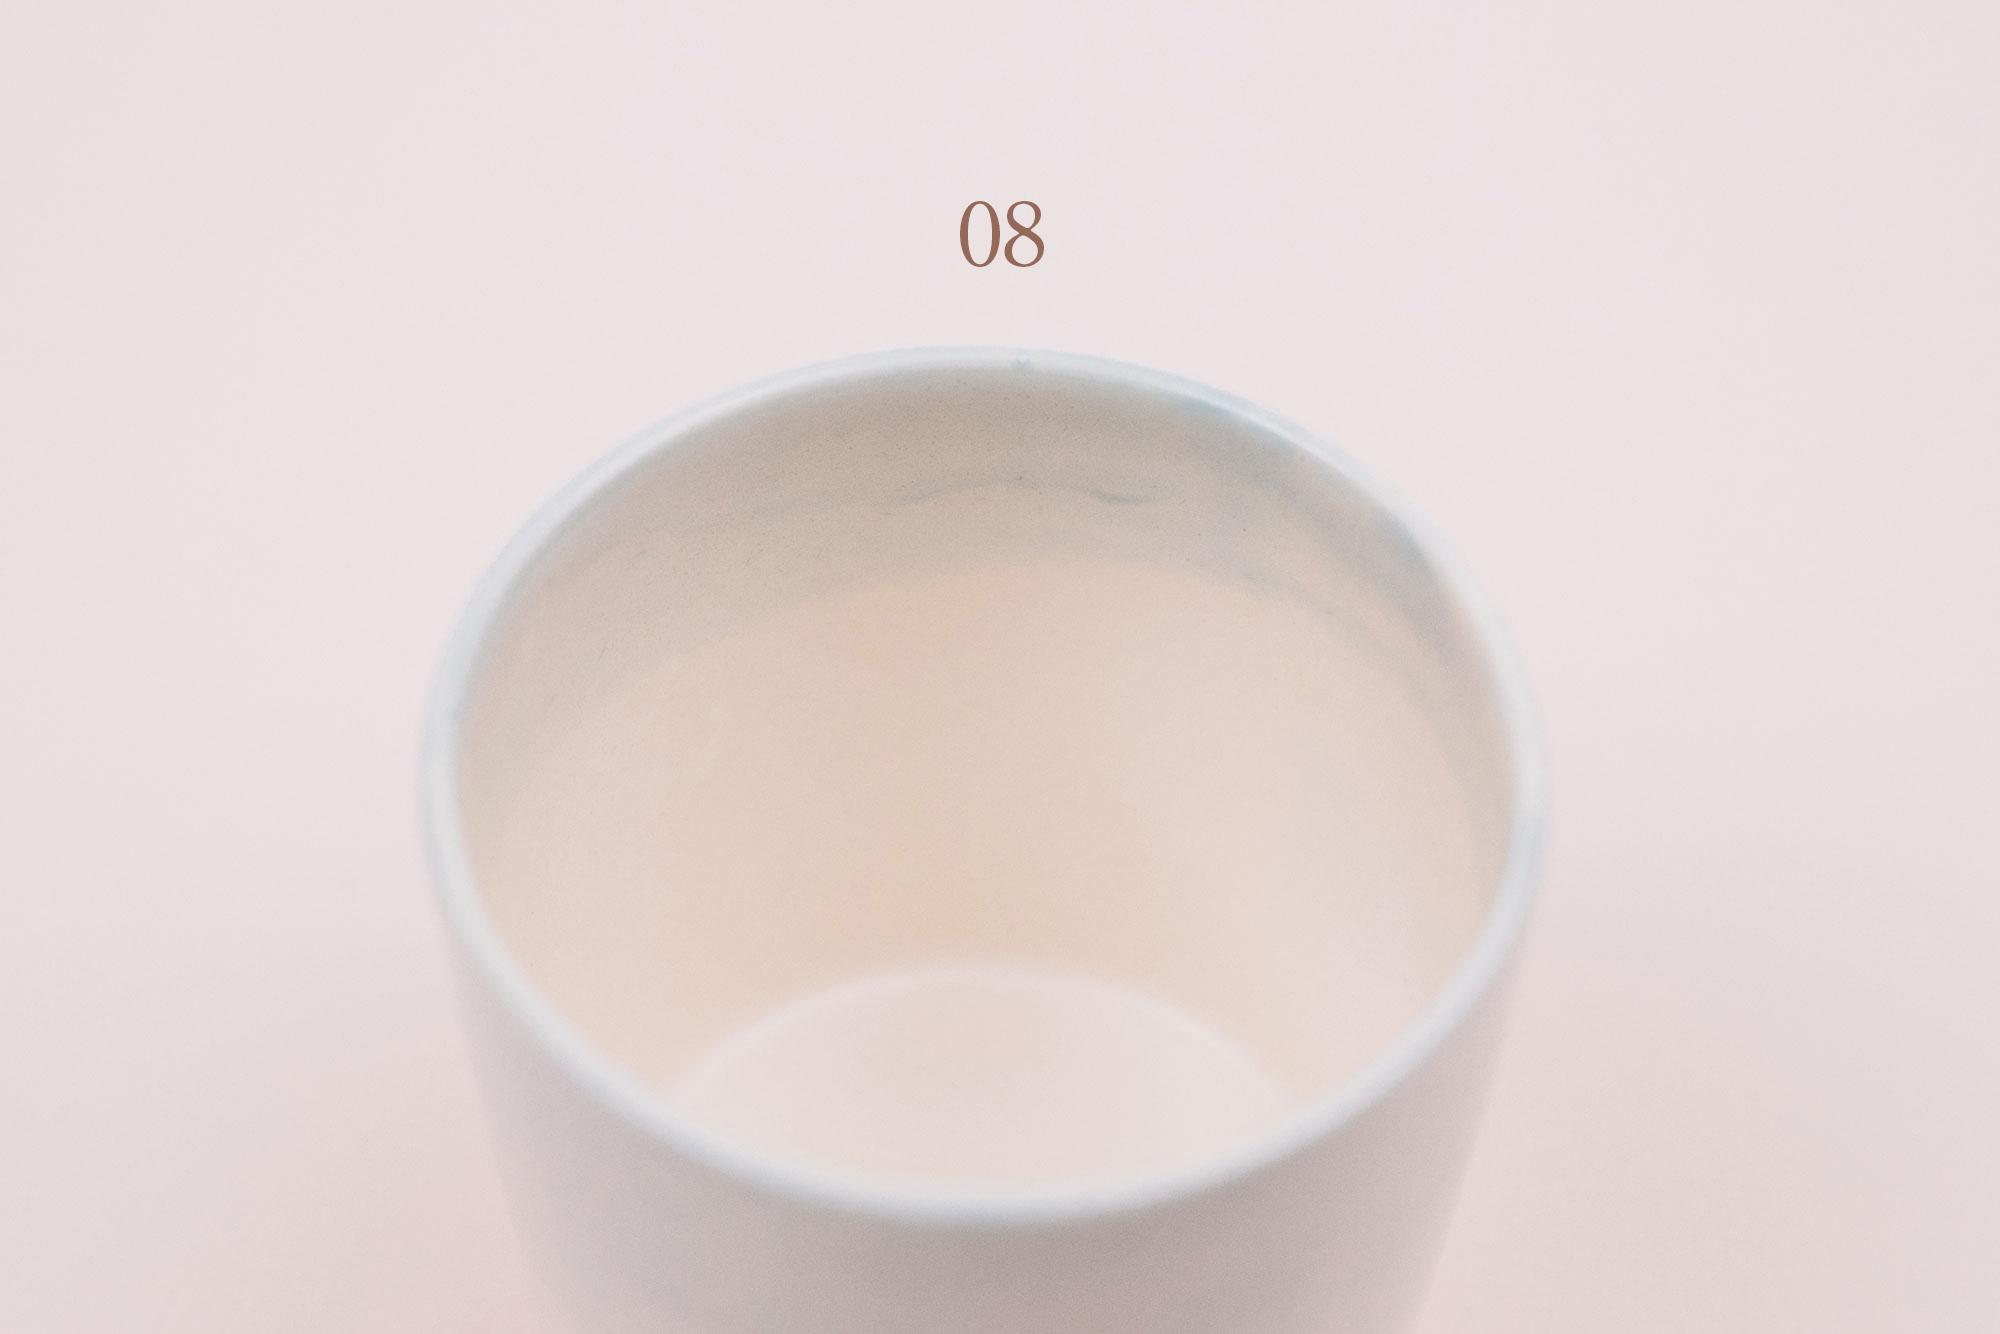 Satoko Sai + Tomoko Kurahara borderland cup